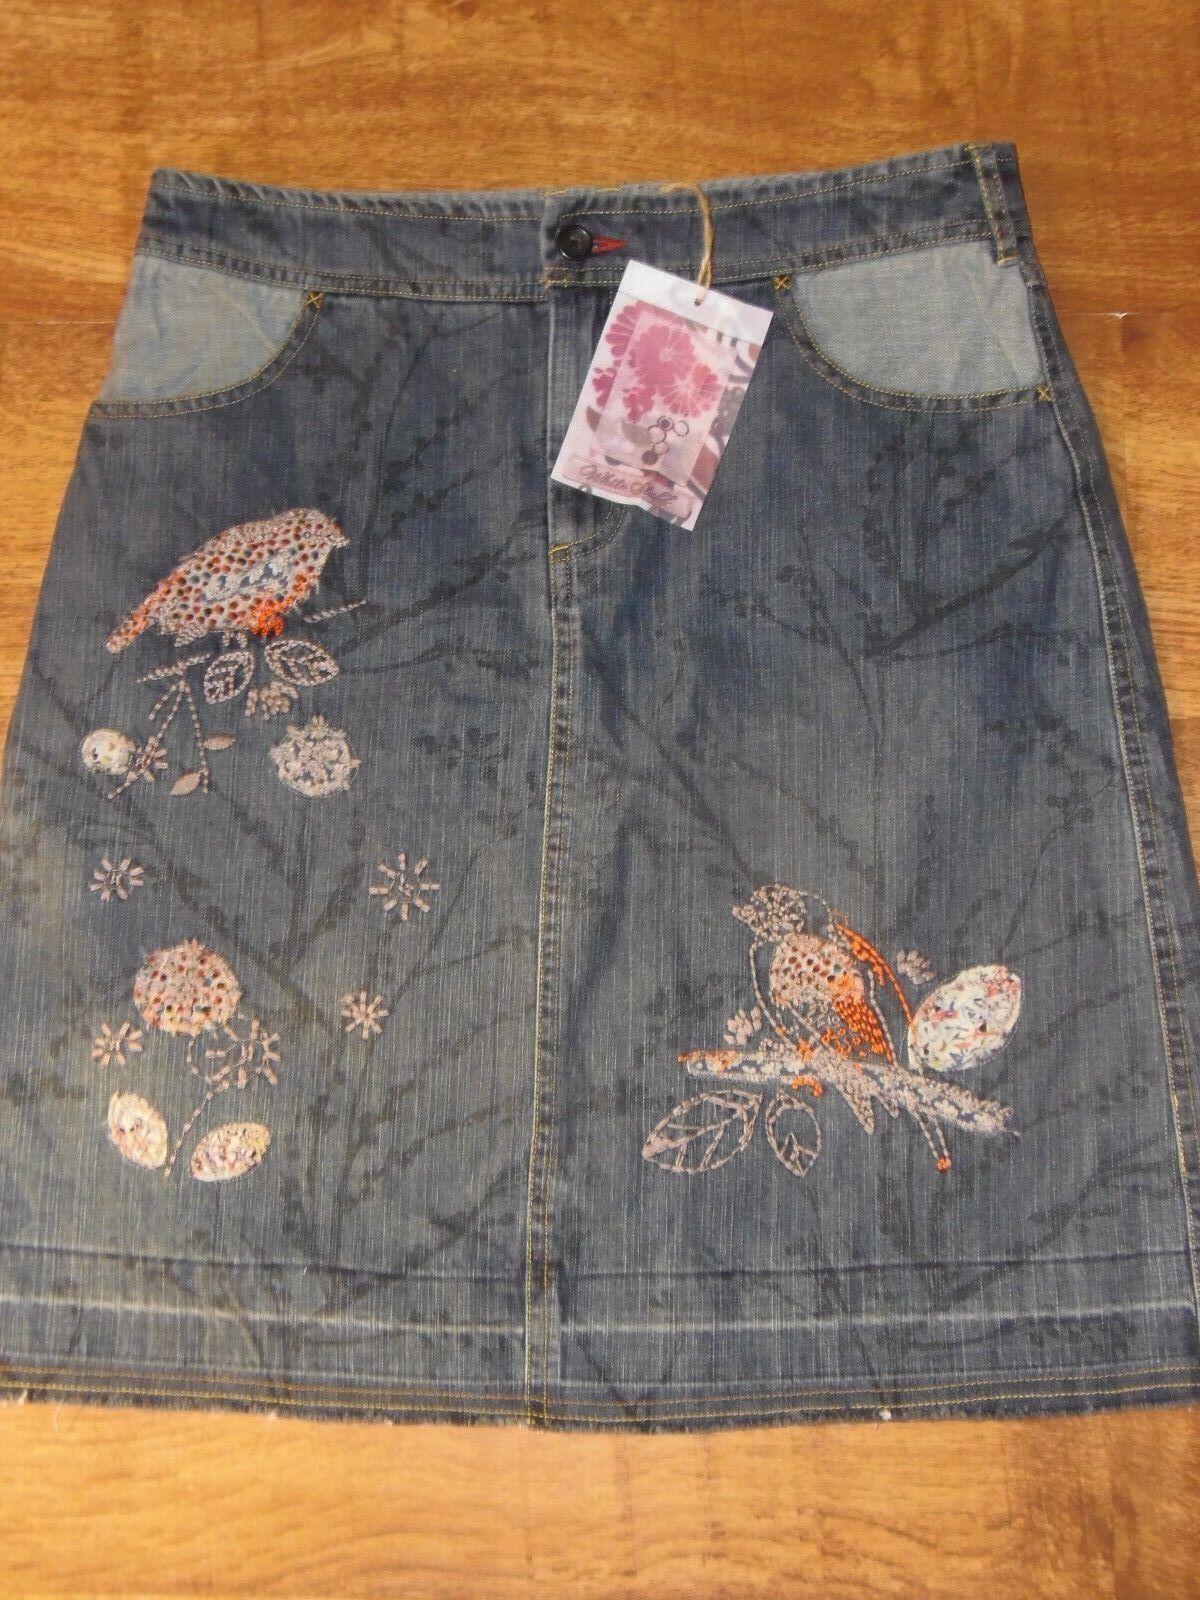 BNWT Stunning White Stuff Embroidered  Denim Skirt 10-12 bird flower leaf branch